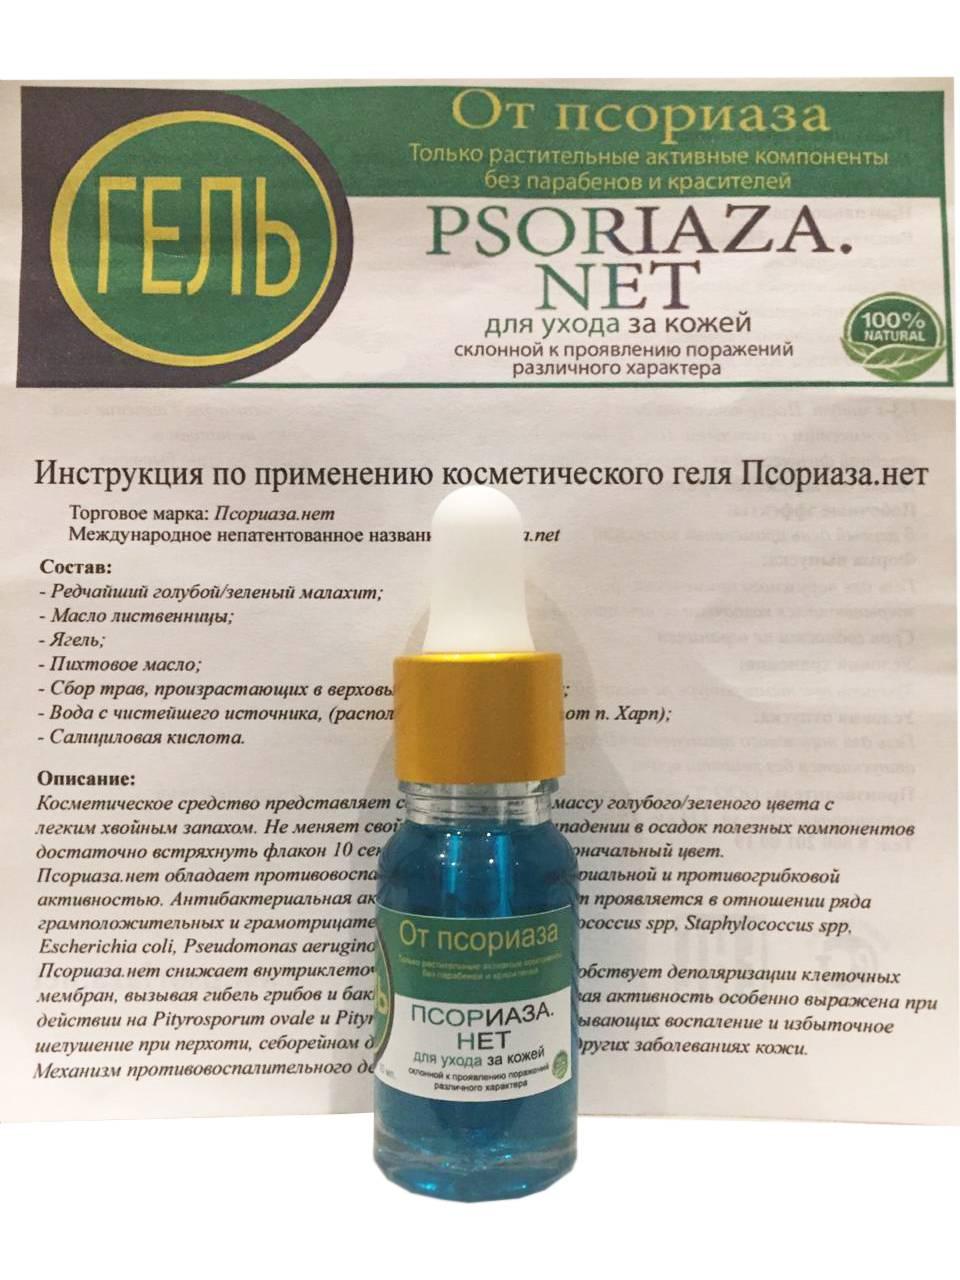 Псориаз и сопутствующие заболевания